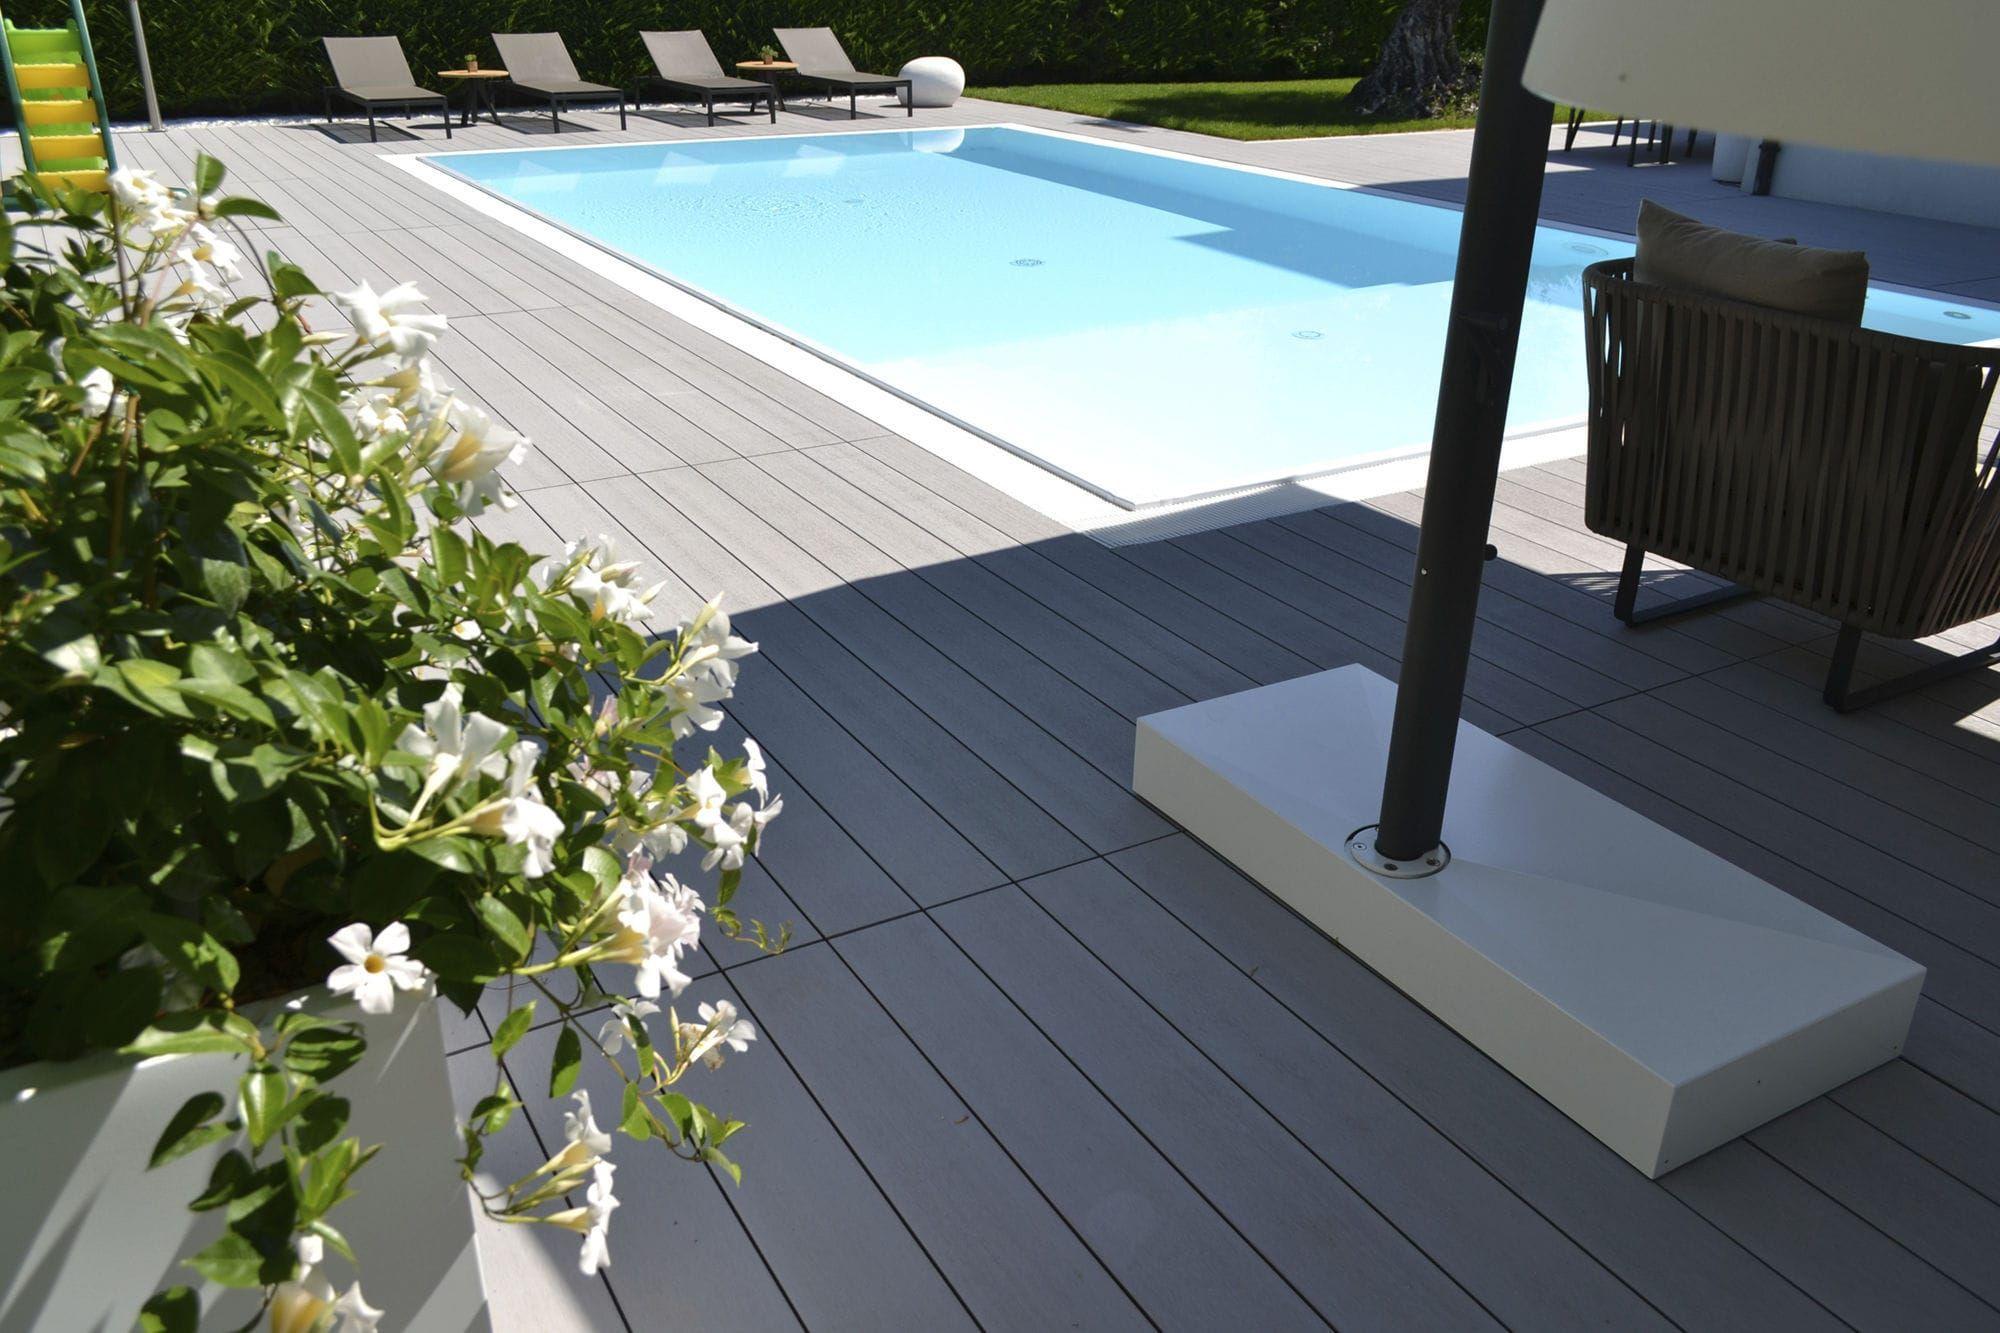 Outdoor Interior Decking High Quality Best Floor Option For Outdoor Floor Around Pool Vinyl Composite Green Fl Decks Around Pools Composite Decking Deck